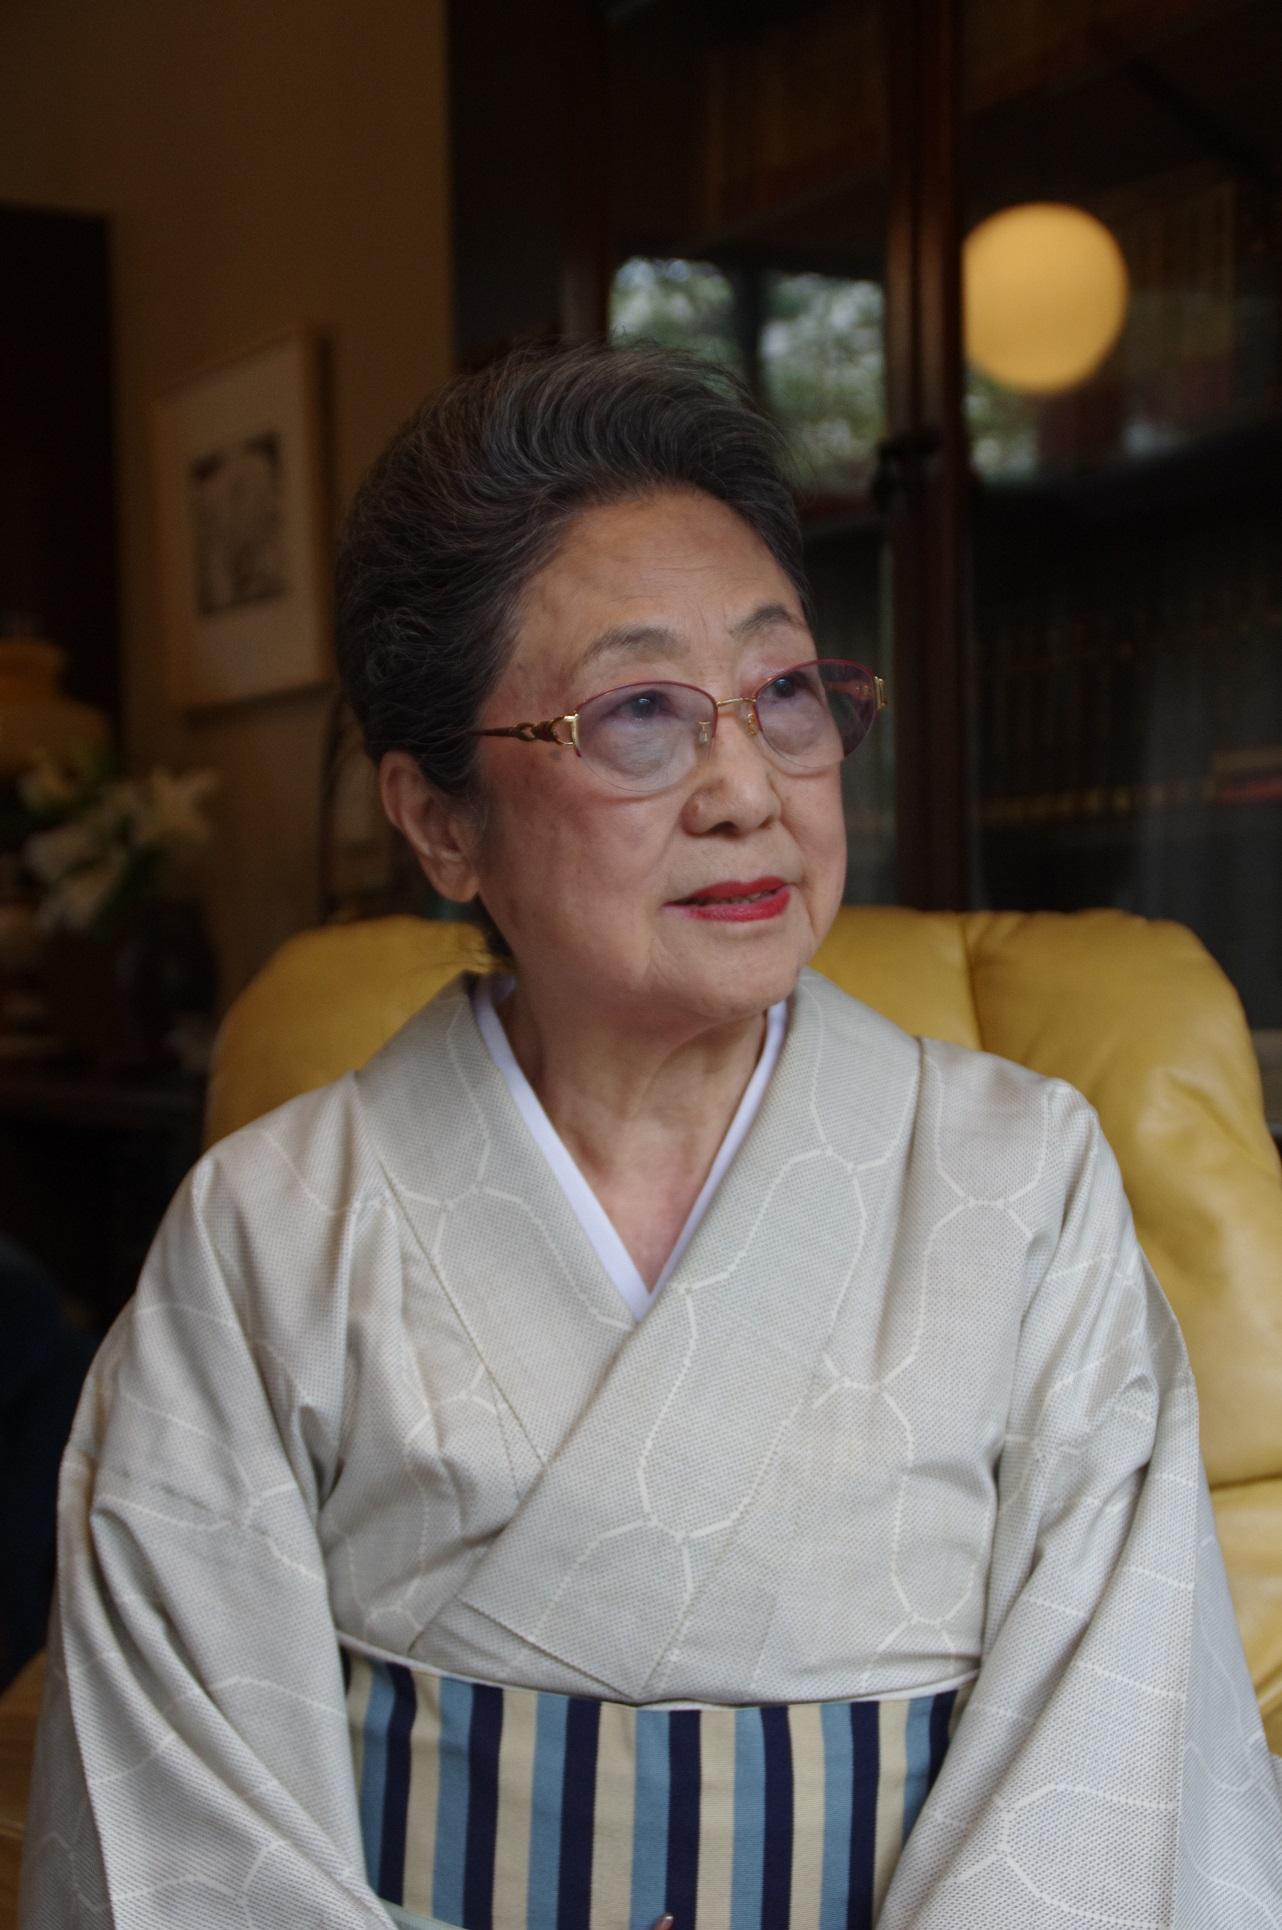 愛子 佐藤 97歳の女流作家、佐藤愛子が語る「苦しまずに死を迎える」よりも大切な生き方とは(文春オンライン)